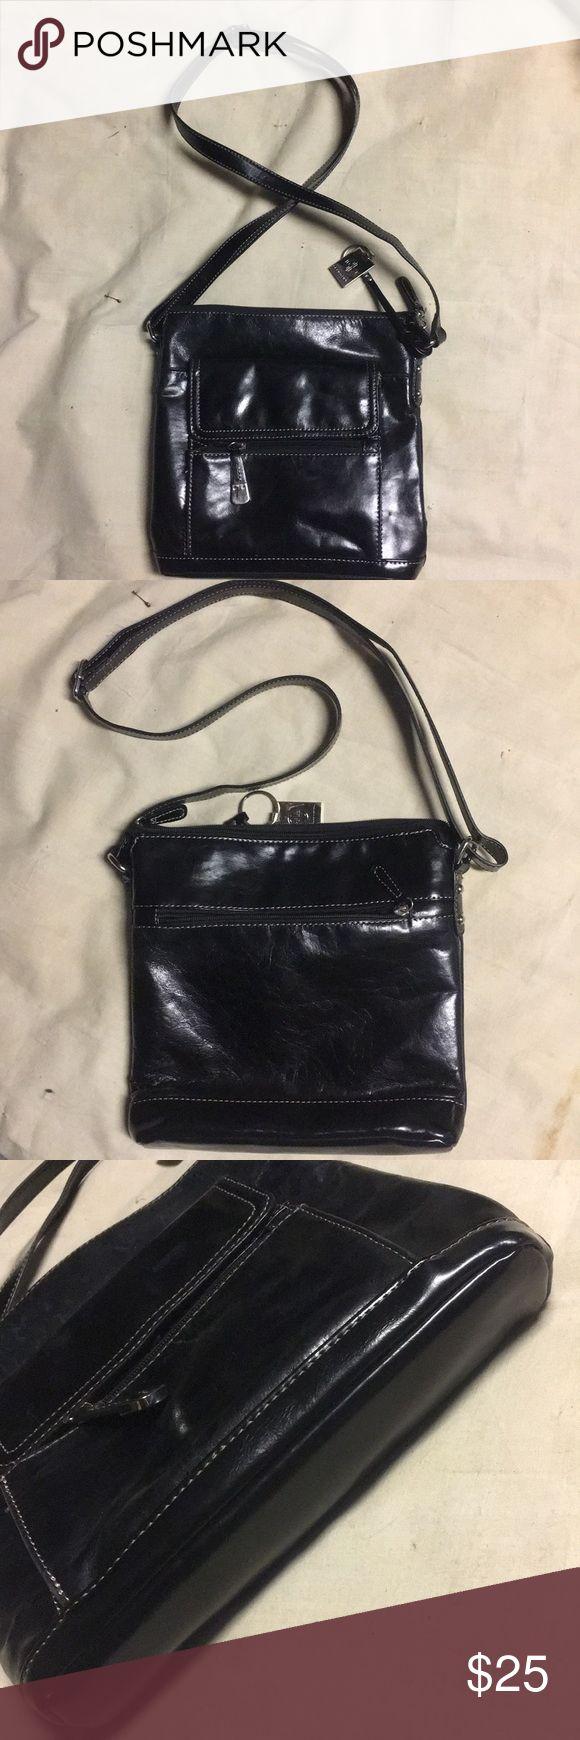 I just added this listing on Poshmark: Giani Bernini Shiny Black Crossbody Purse. #shopmycloset #poshmark #fashion #shopping #style #forsale #Giani Bernini #Handbags